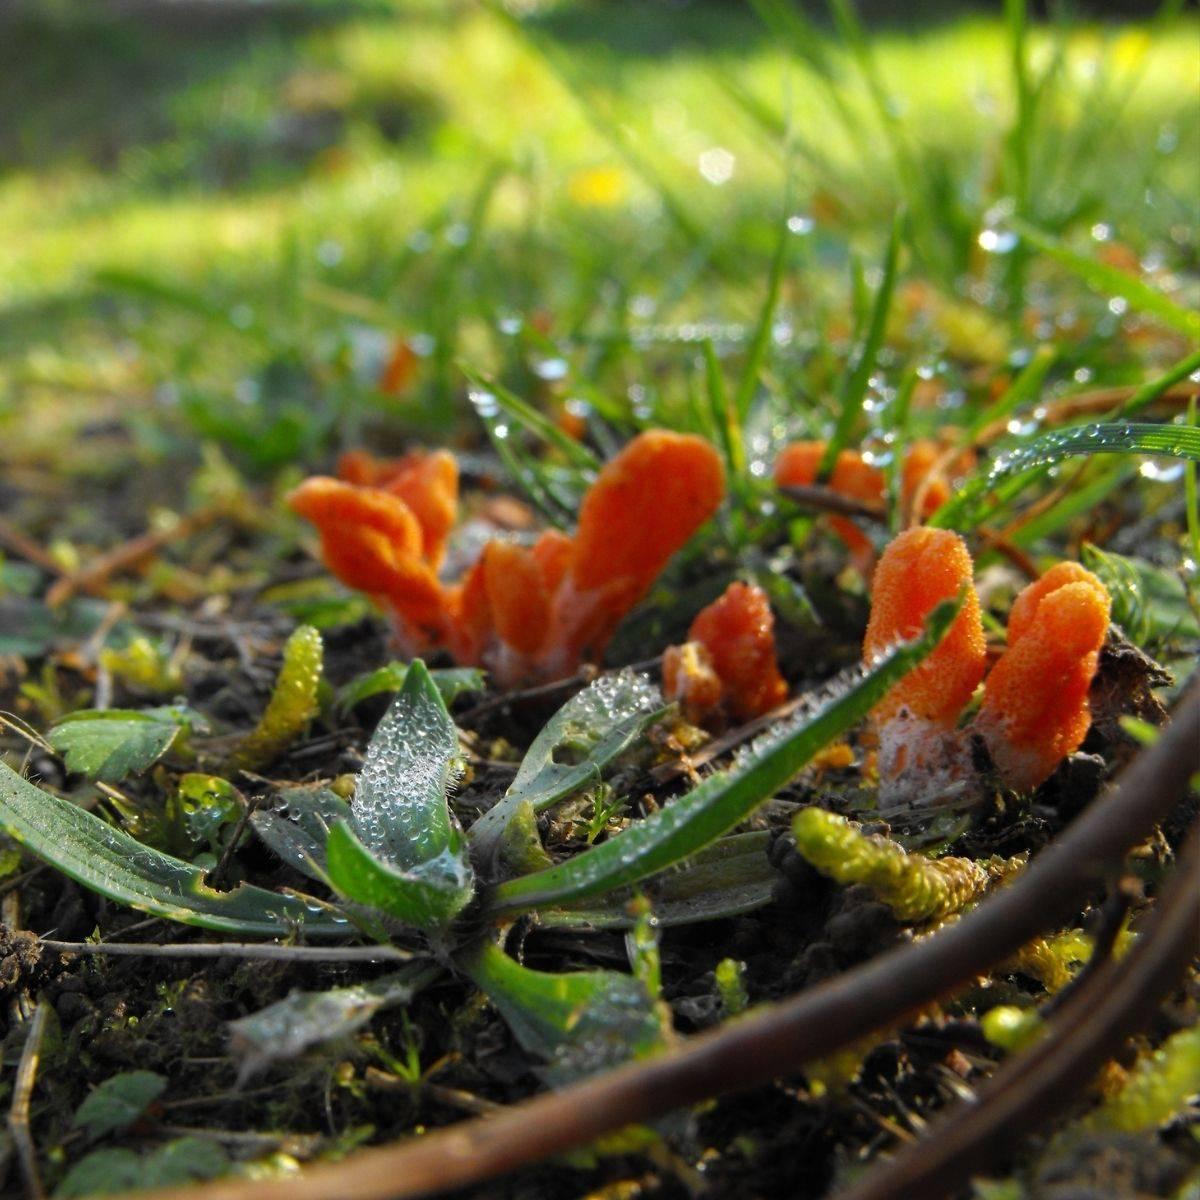 cordyceps militaris mushroom